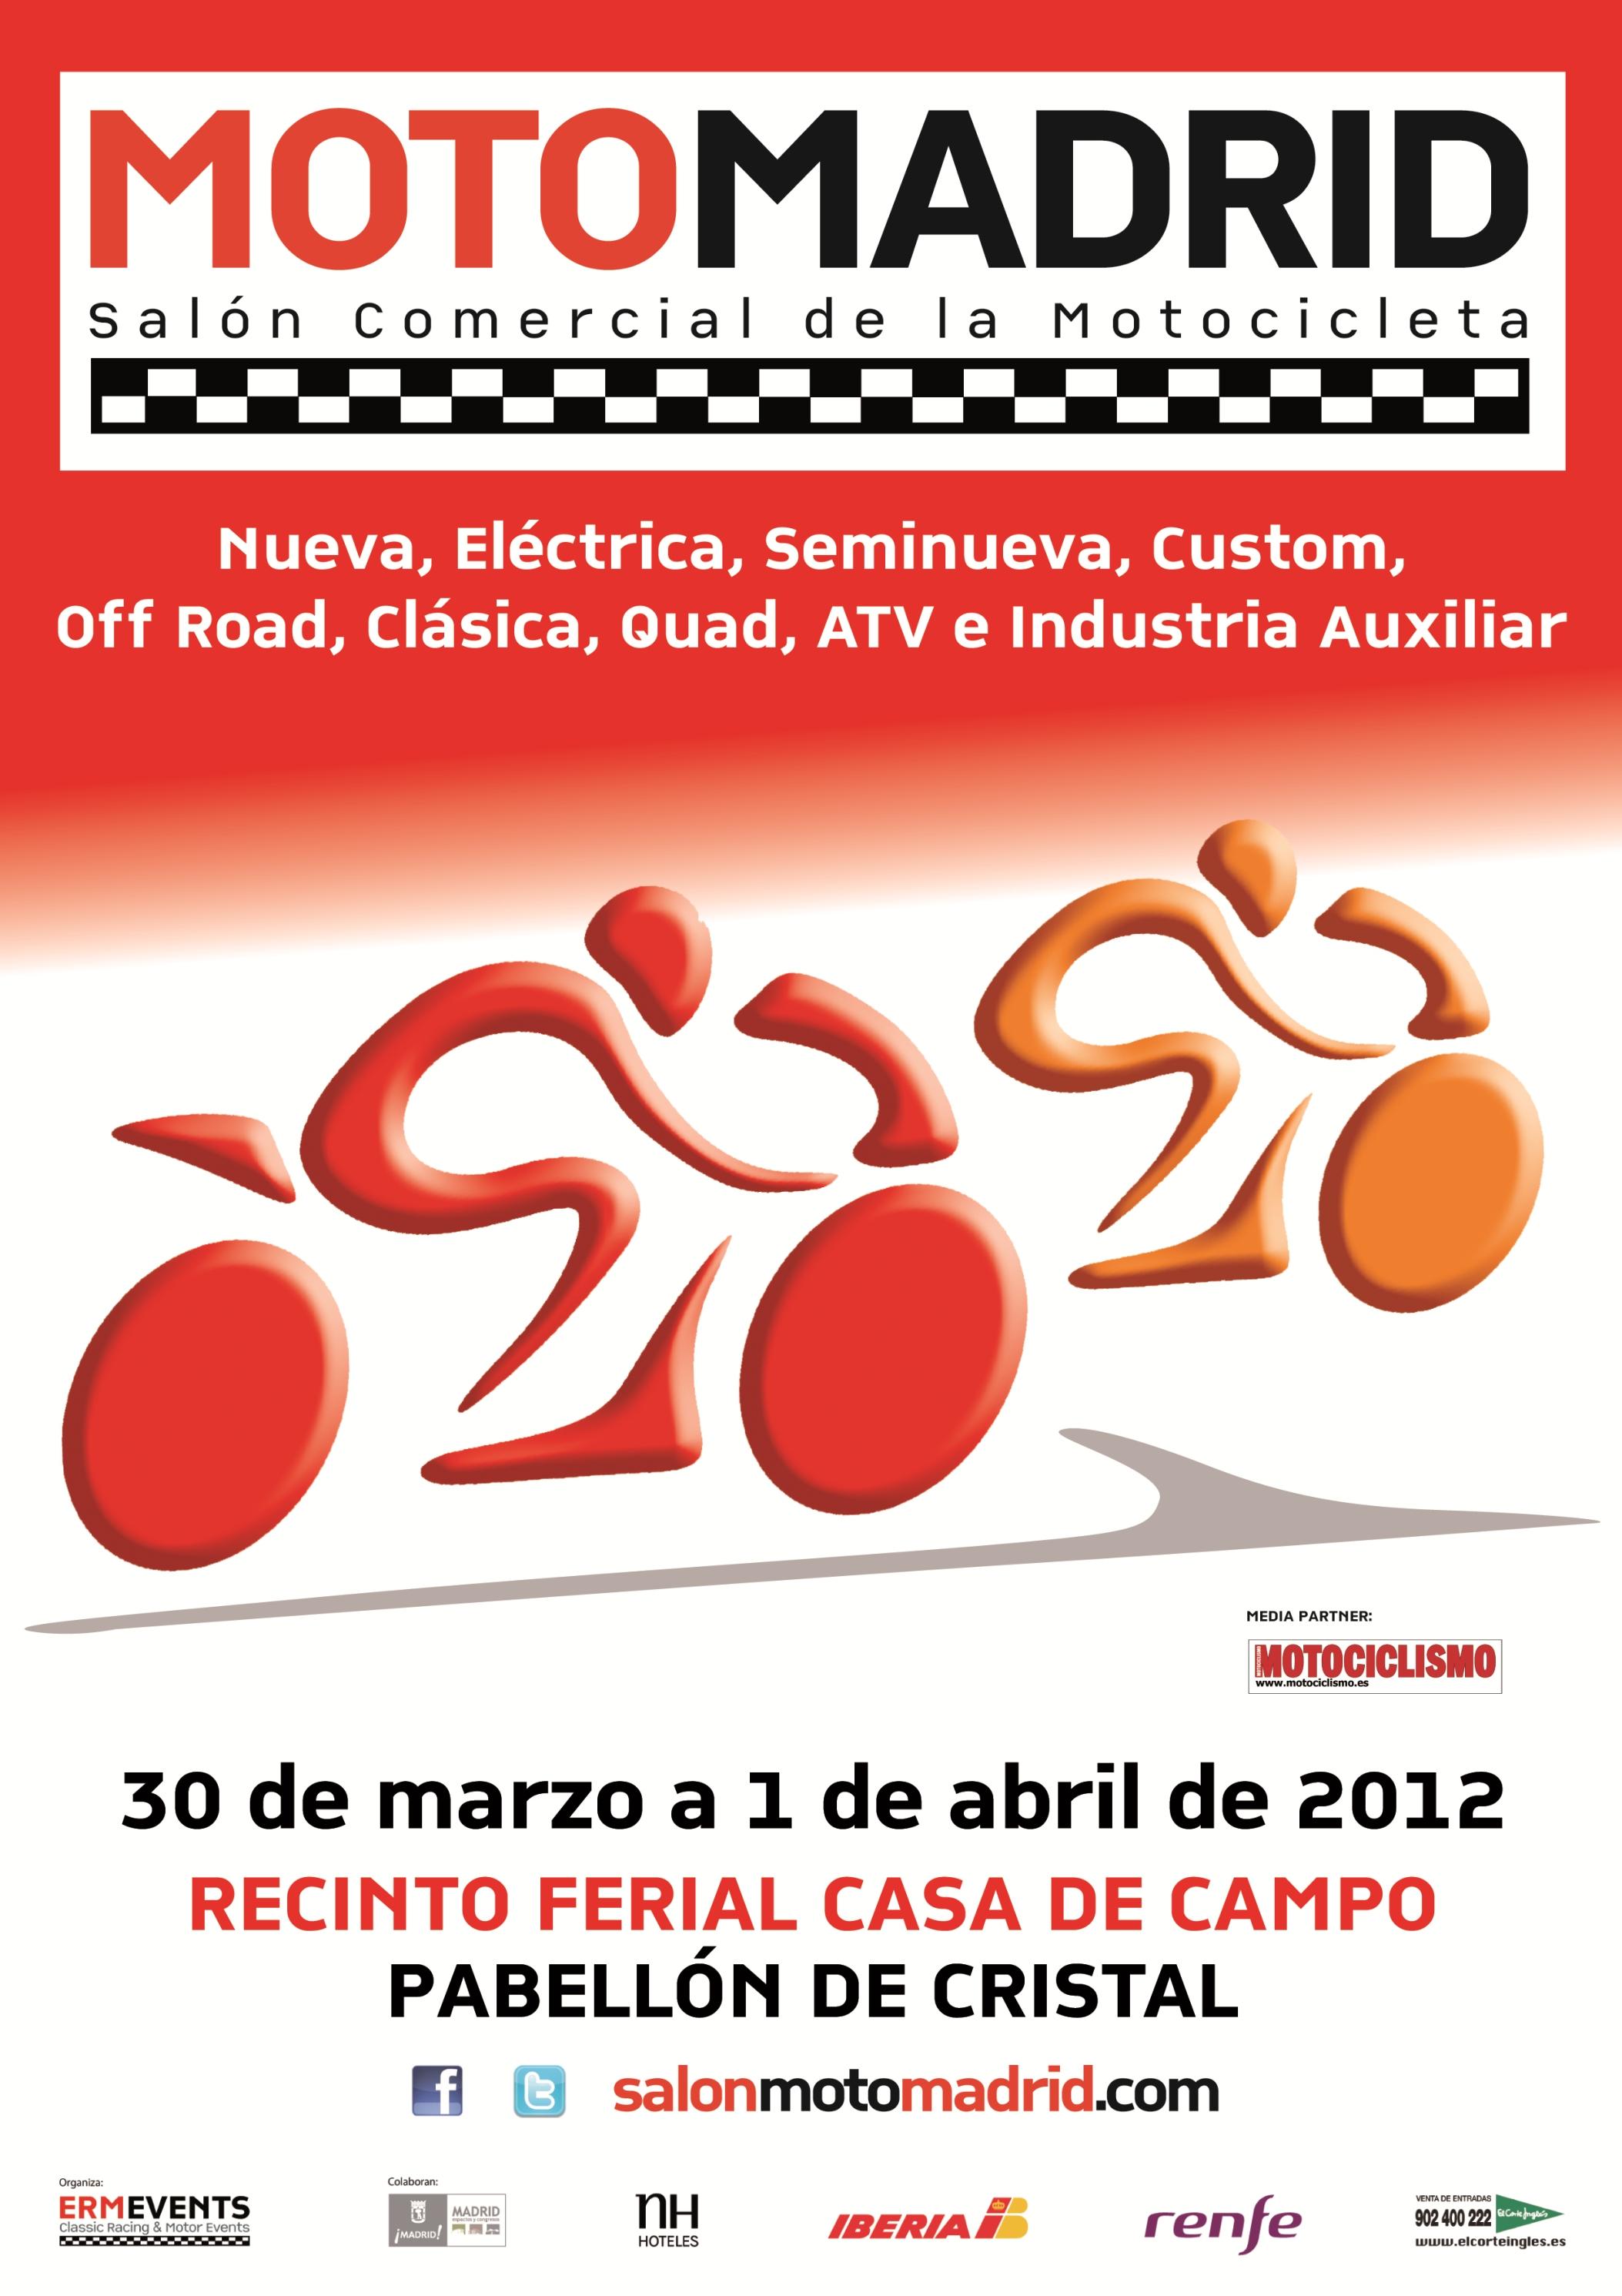 El Salón de la Moto de Madrid tendrá exhibiciones y actividades deportivas